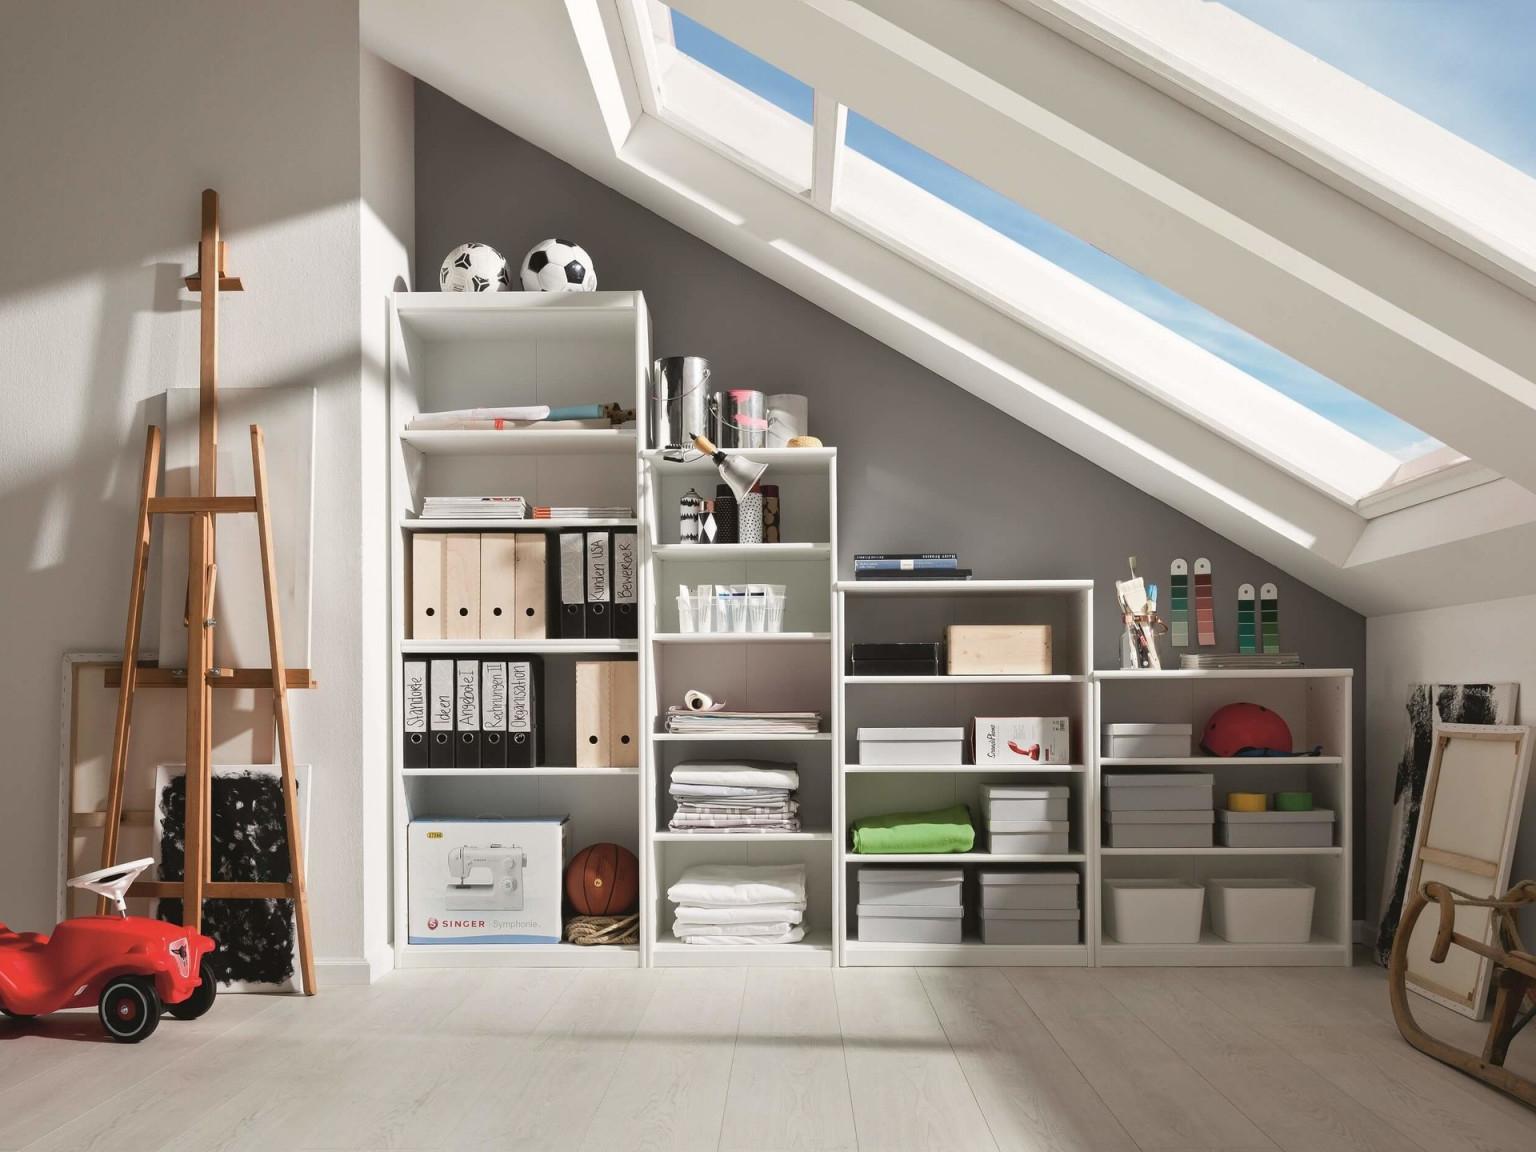 Wohnzimmer Mit Dachschräge So Wird Es Hell Praktisch Und von Wohnzimmer Mit Dachschräge Einrichten Photo